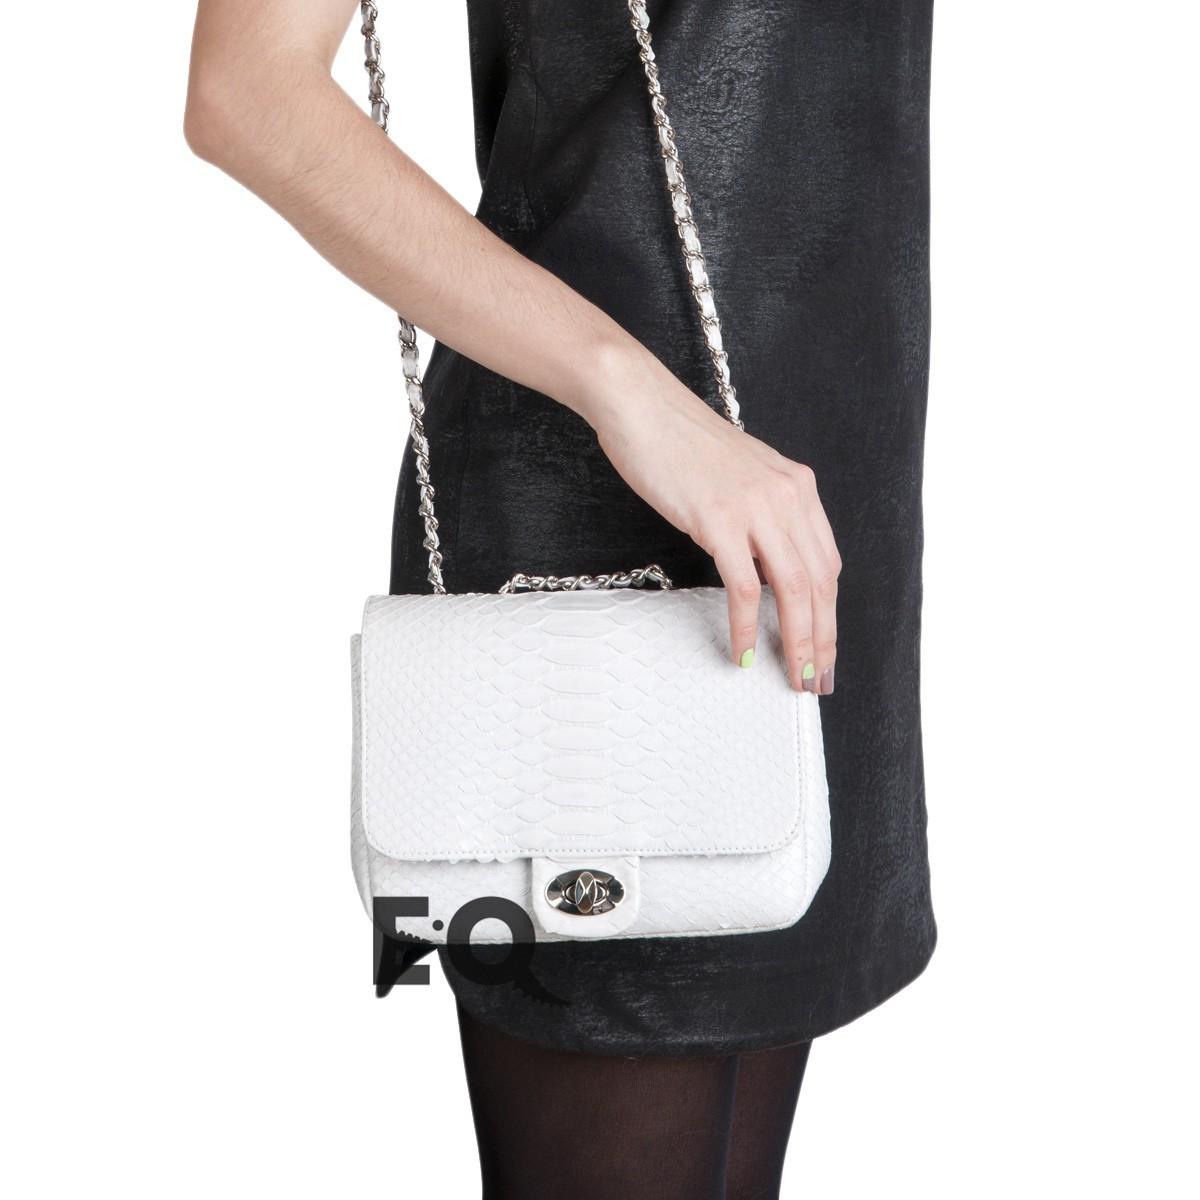 Белая сумочка Chanel из питона